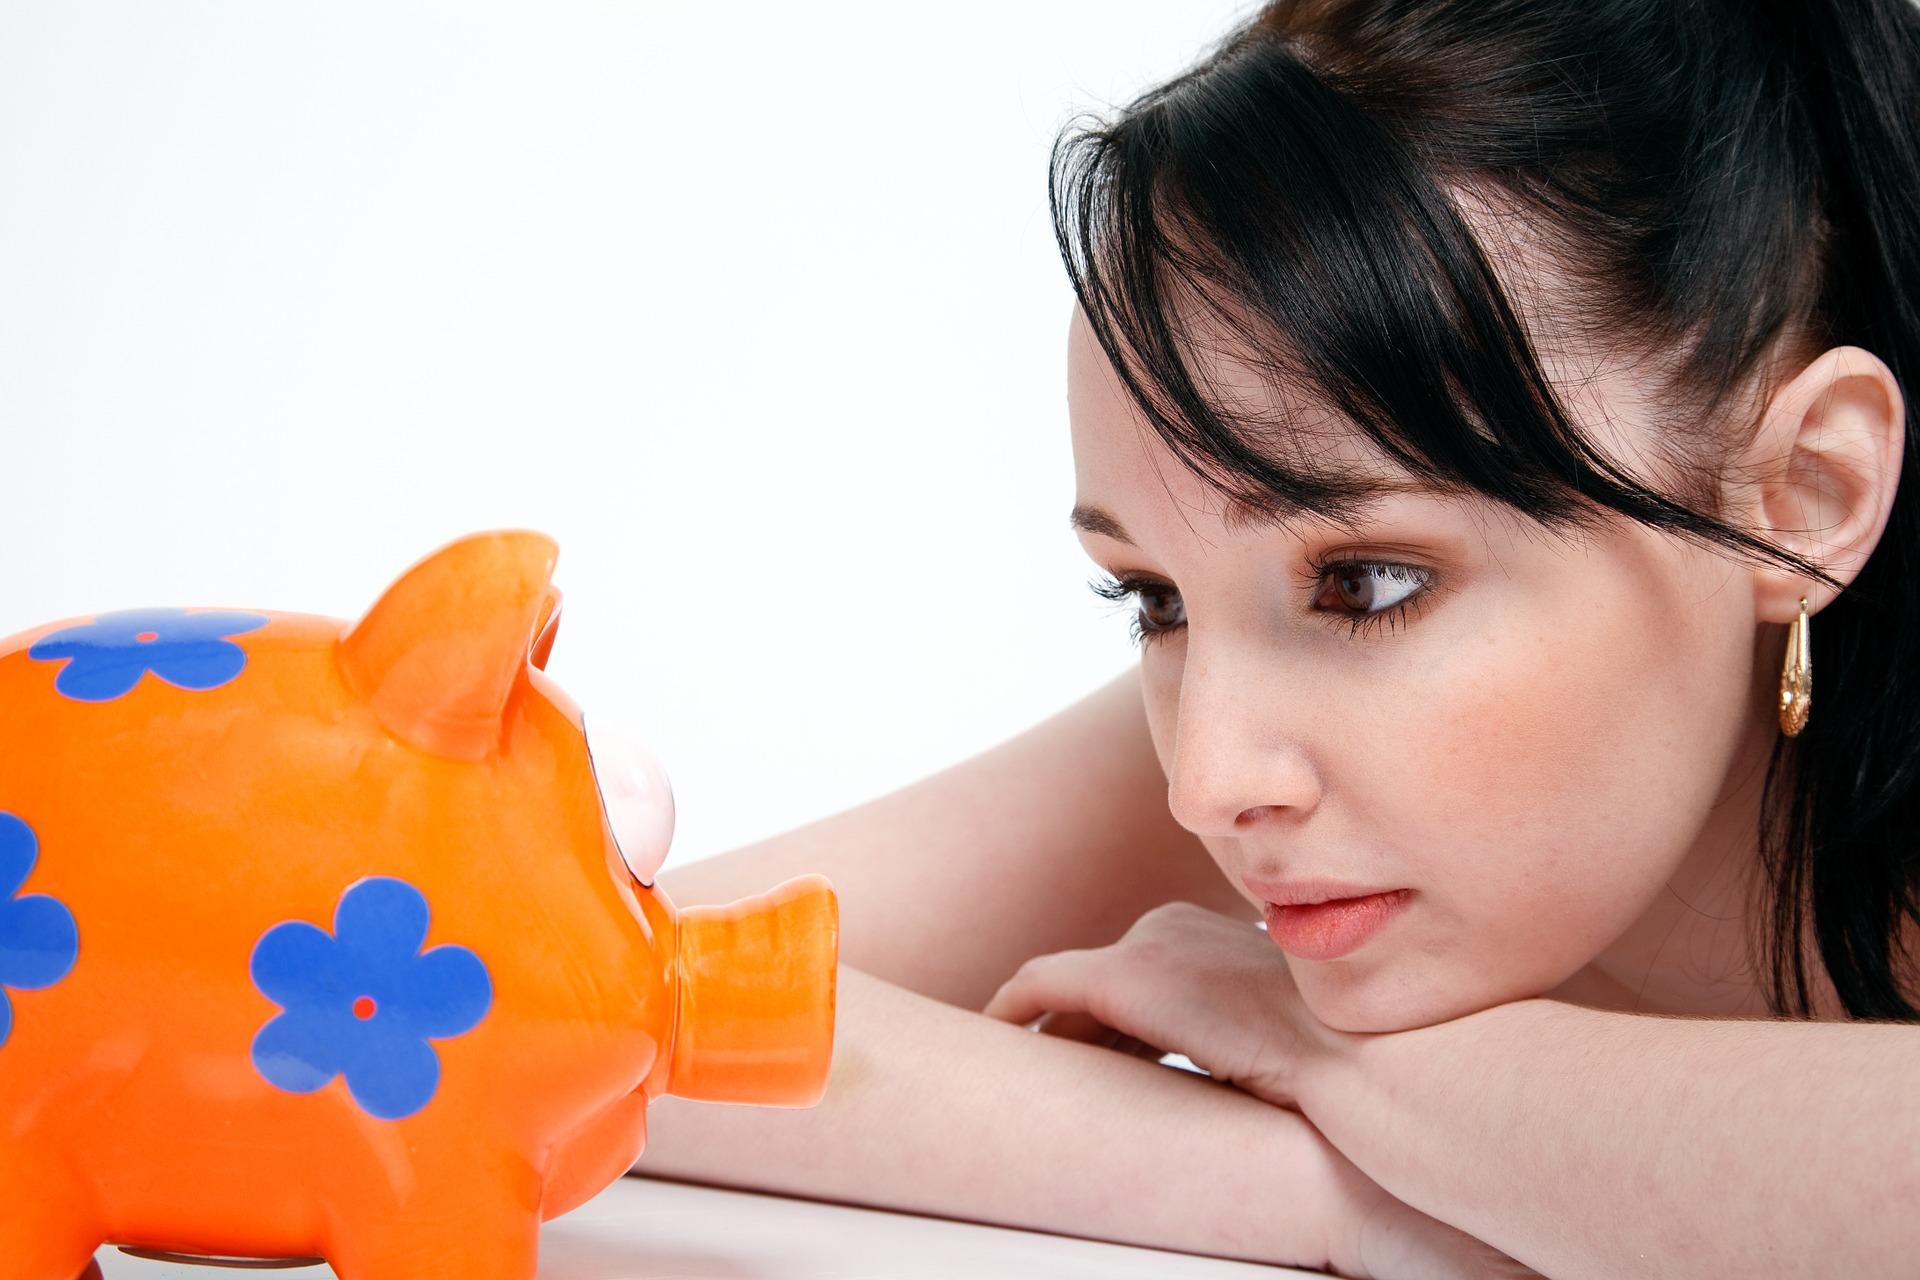 kako do više novca01-slowage365